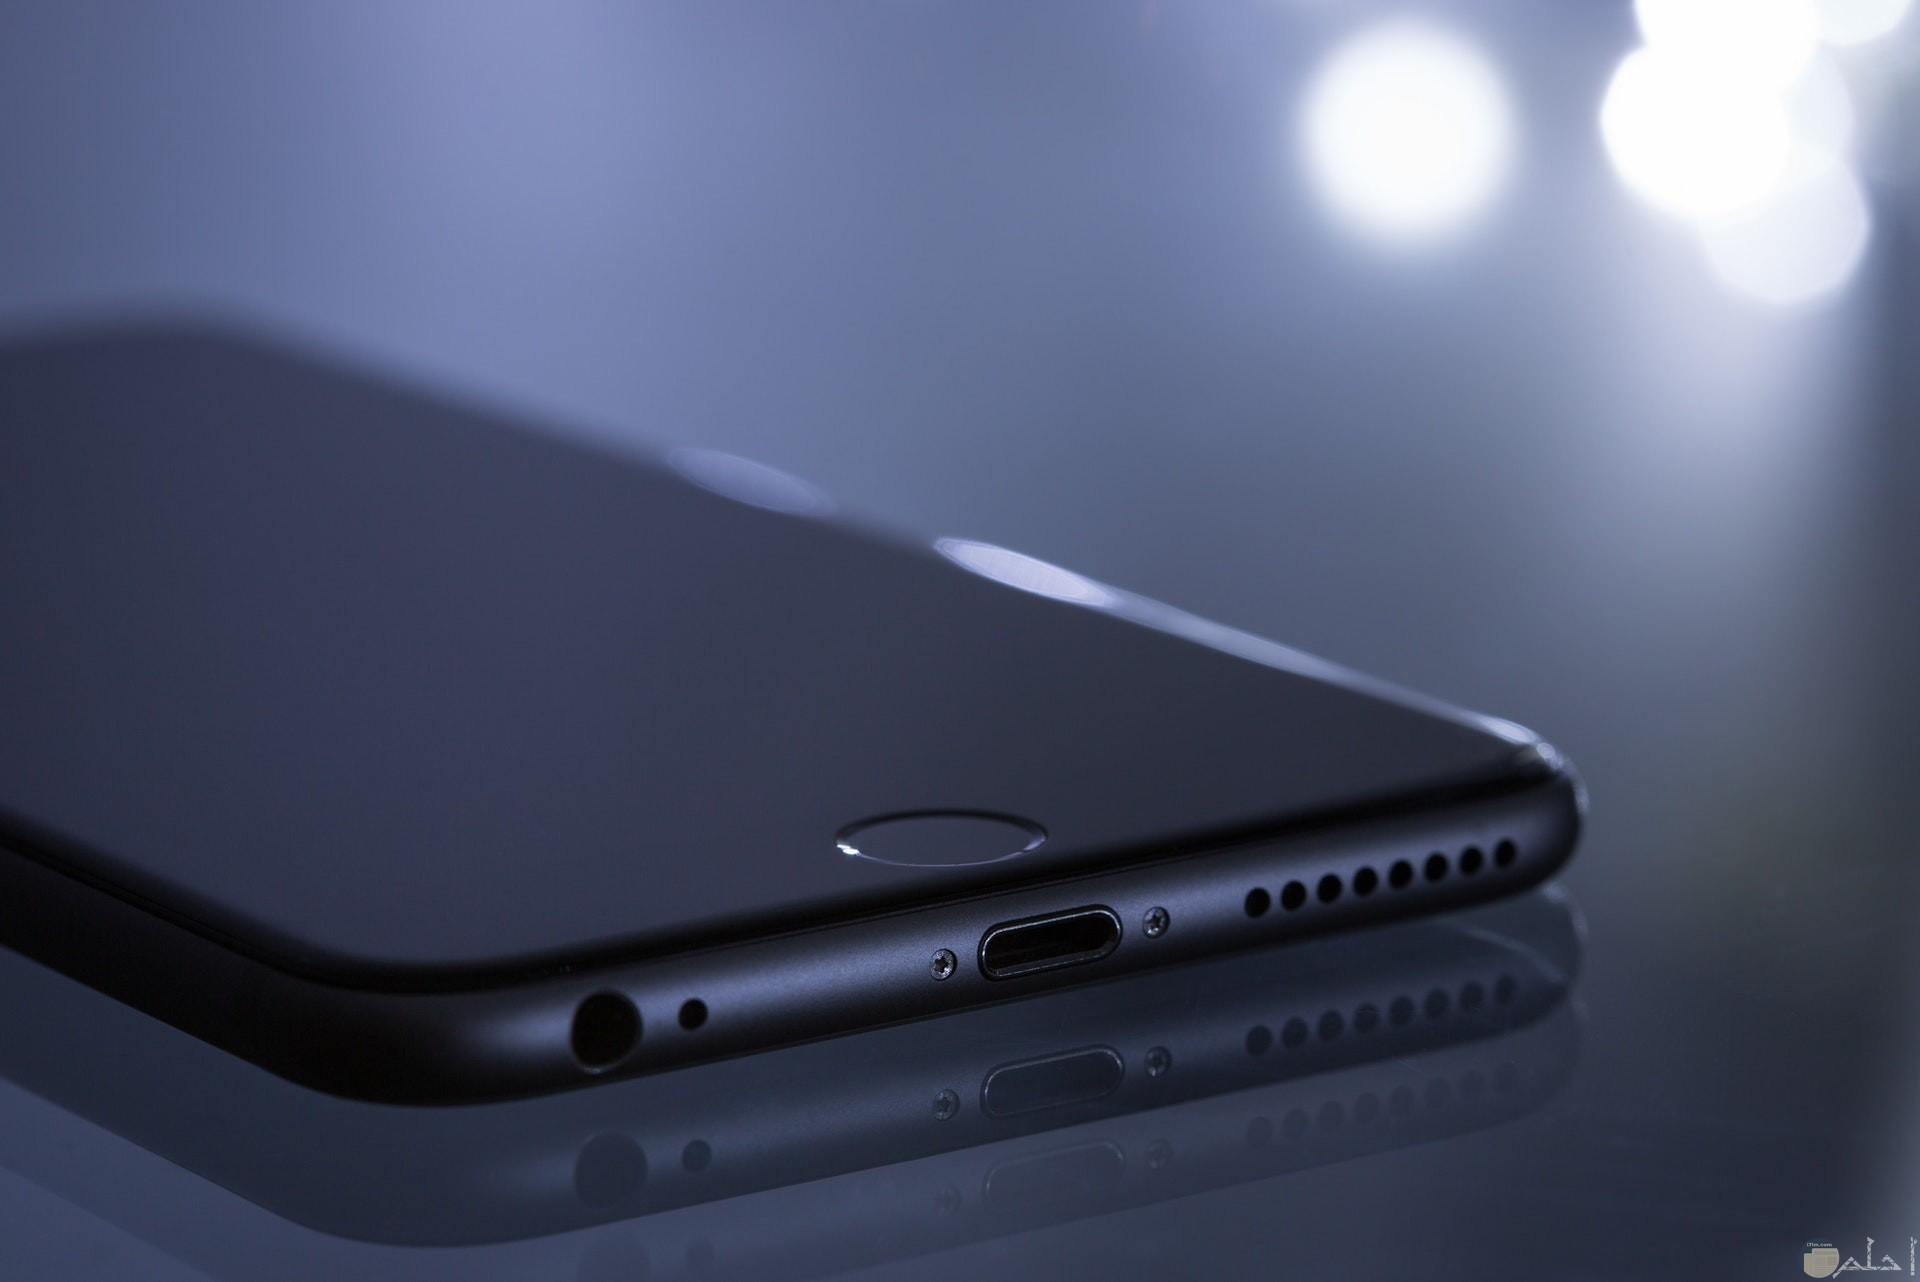 صورة جميلة جدا لهاتف آيفون 6 باللون الرمادي